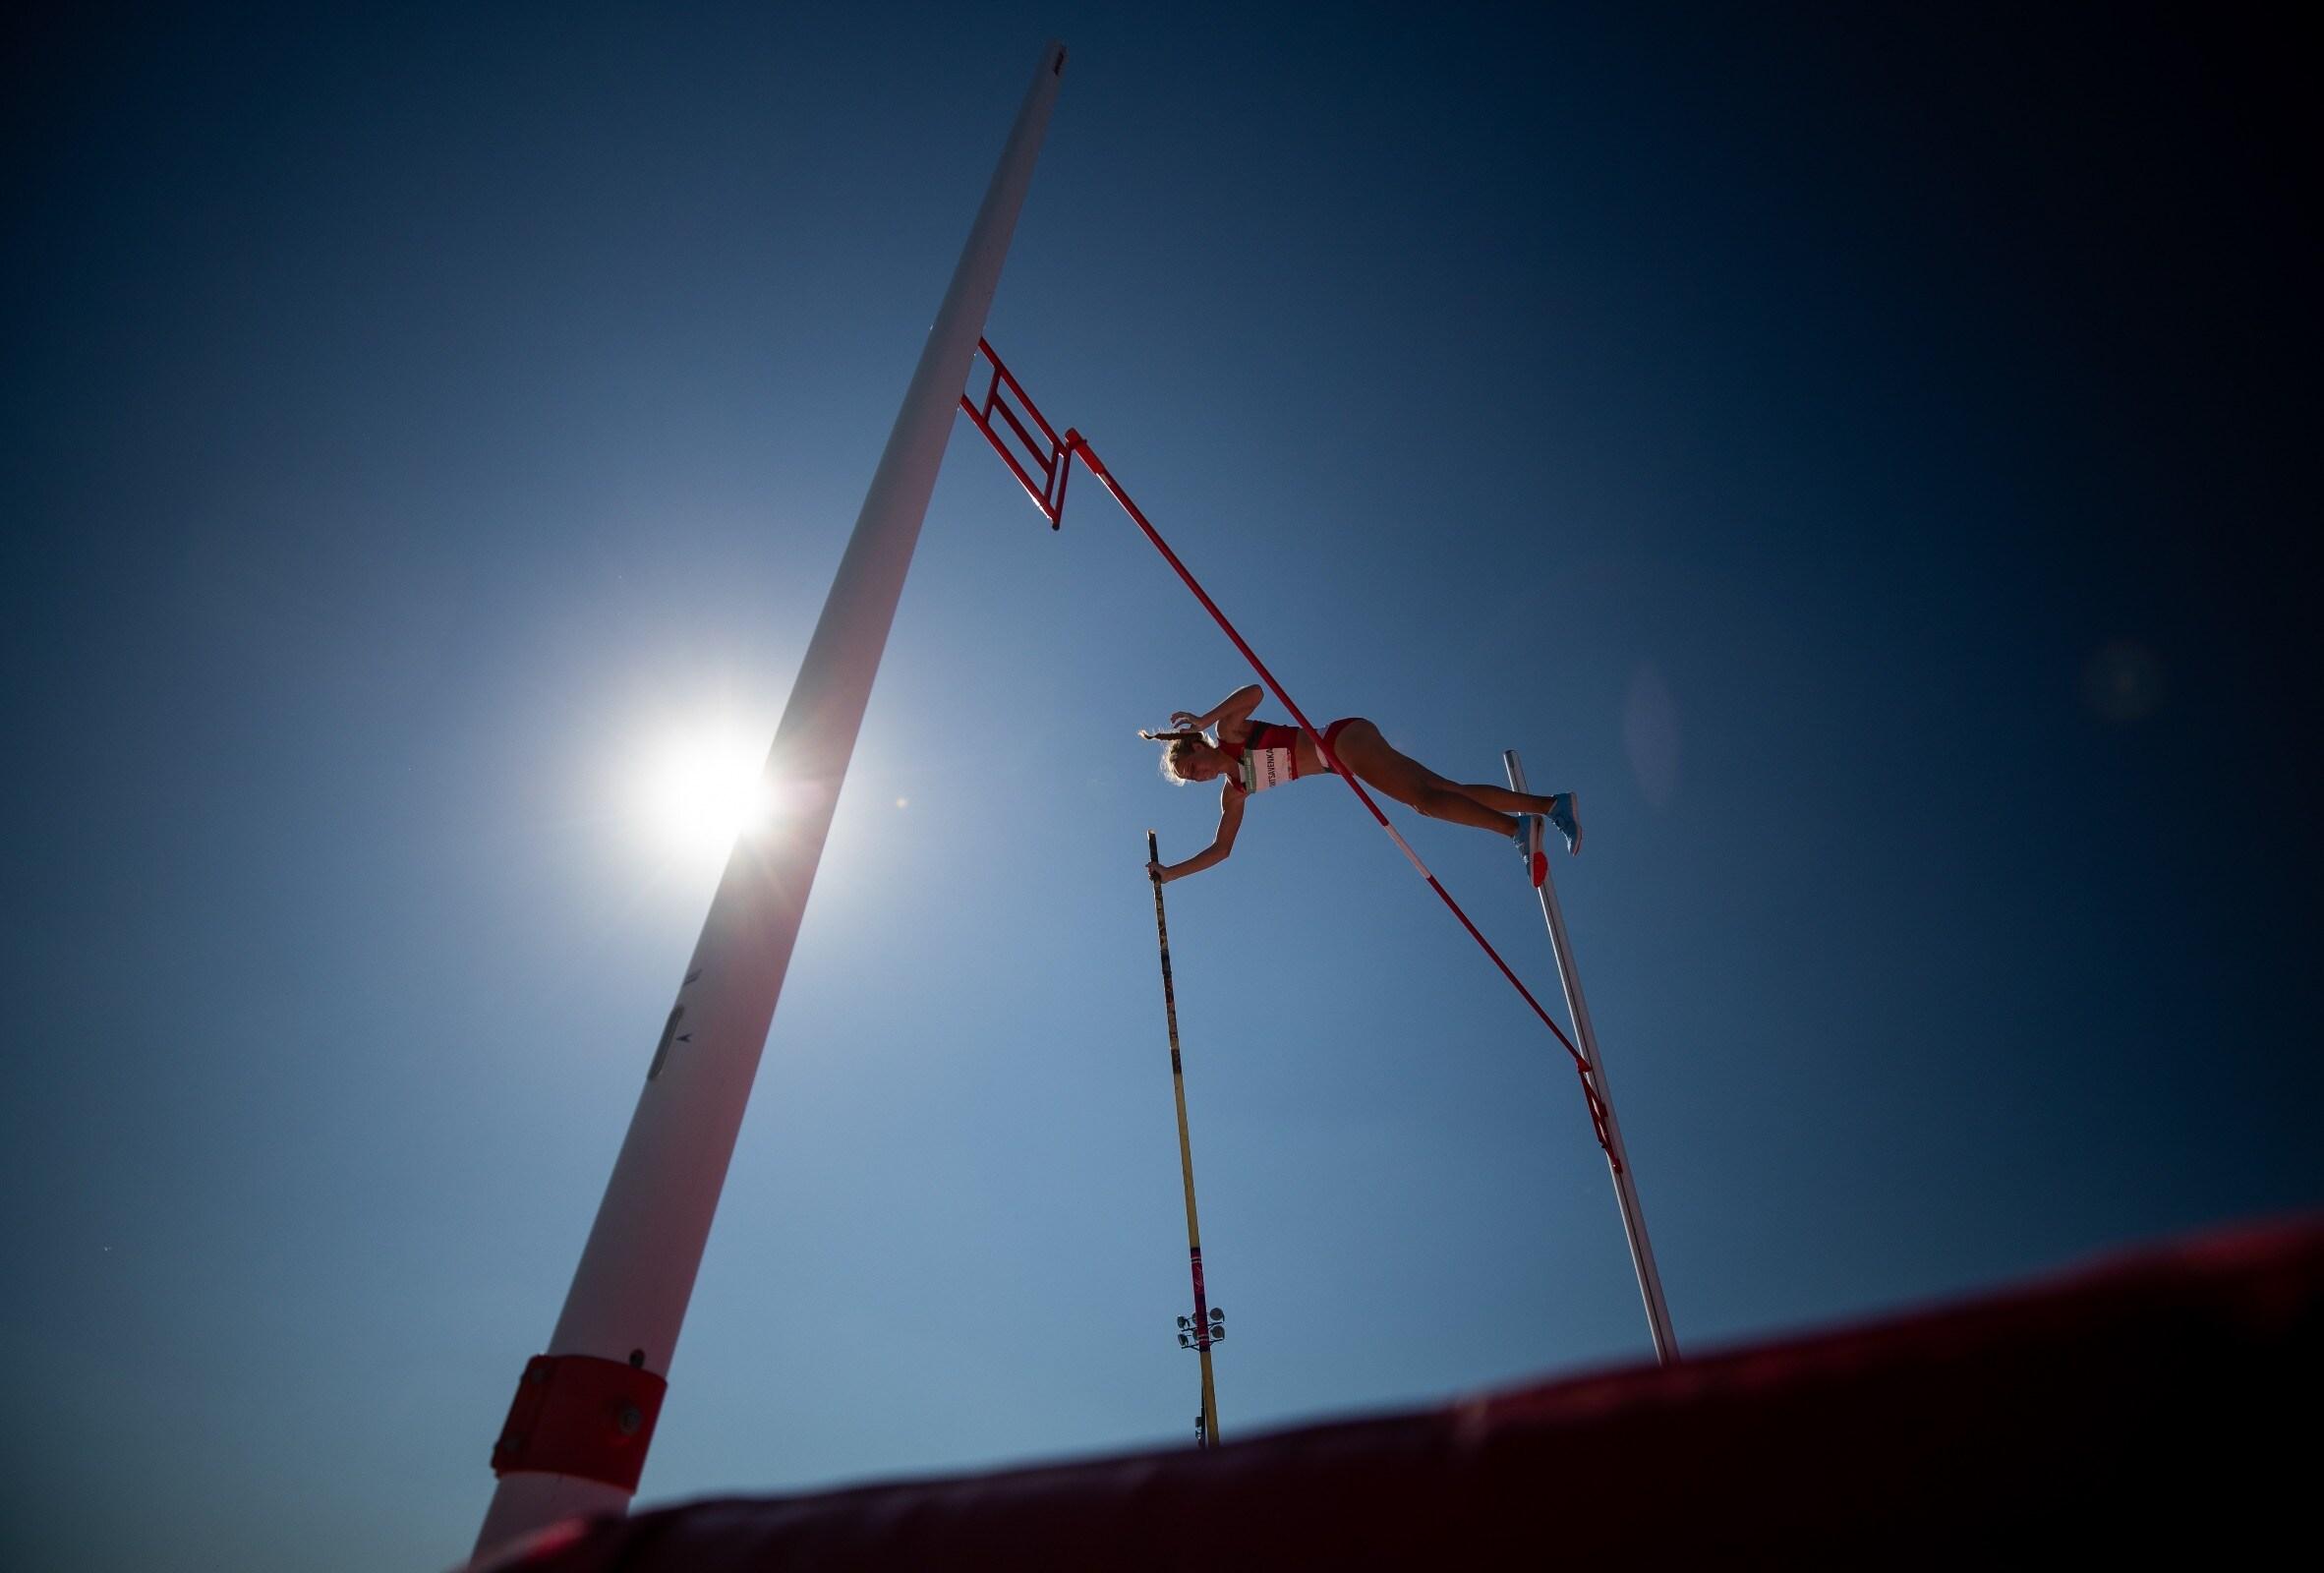 Buenos Aires 2018 - Athlétisme - Saut à la perche femmes